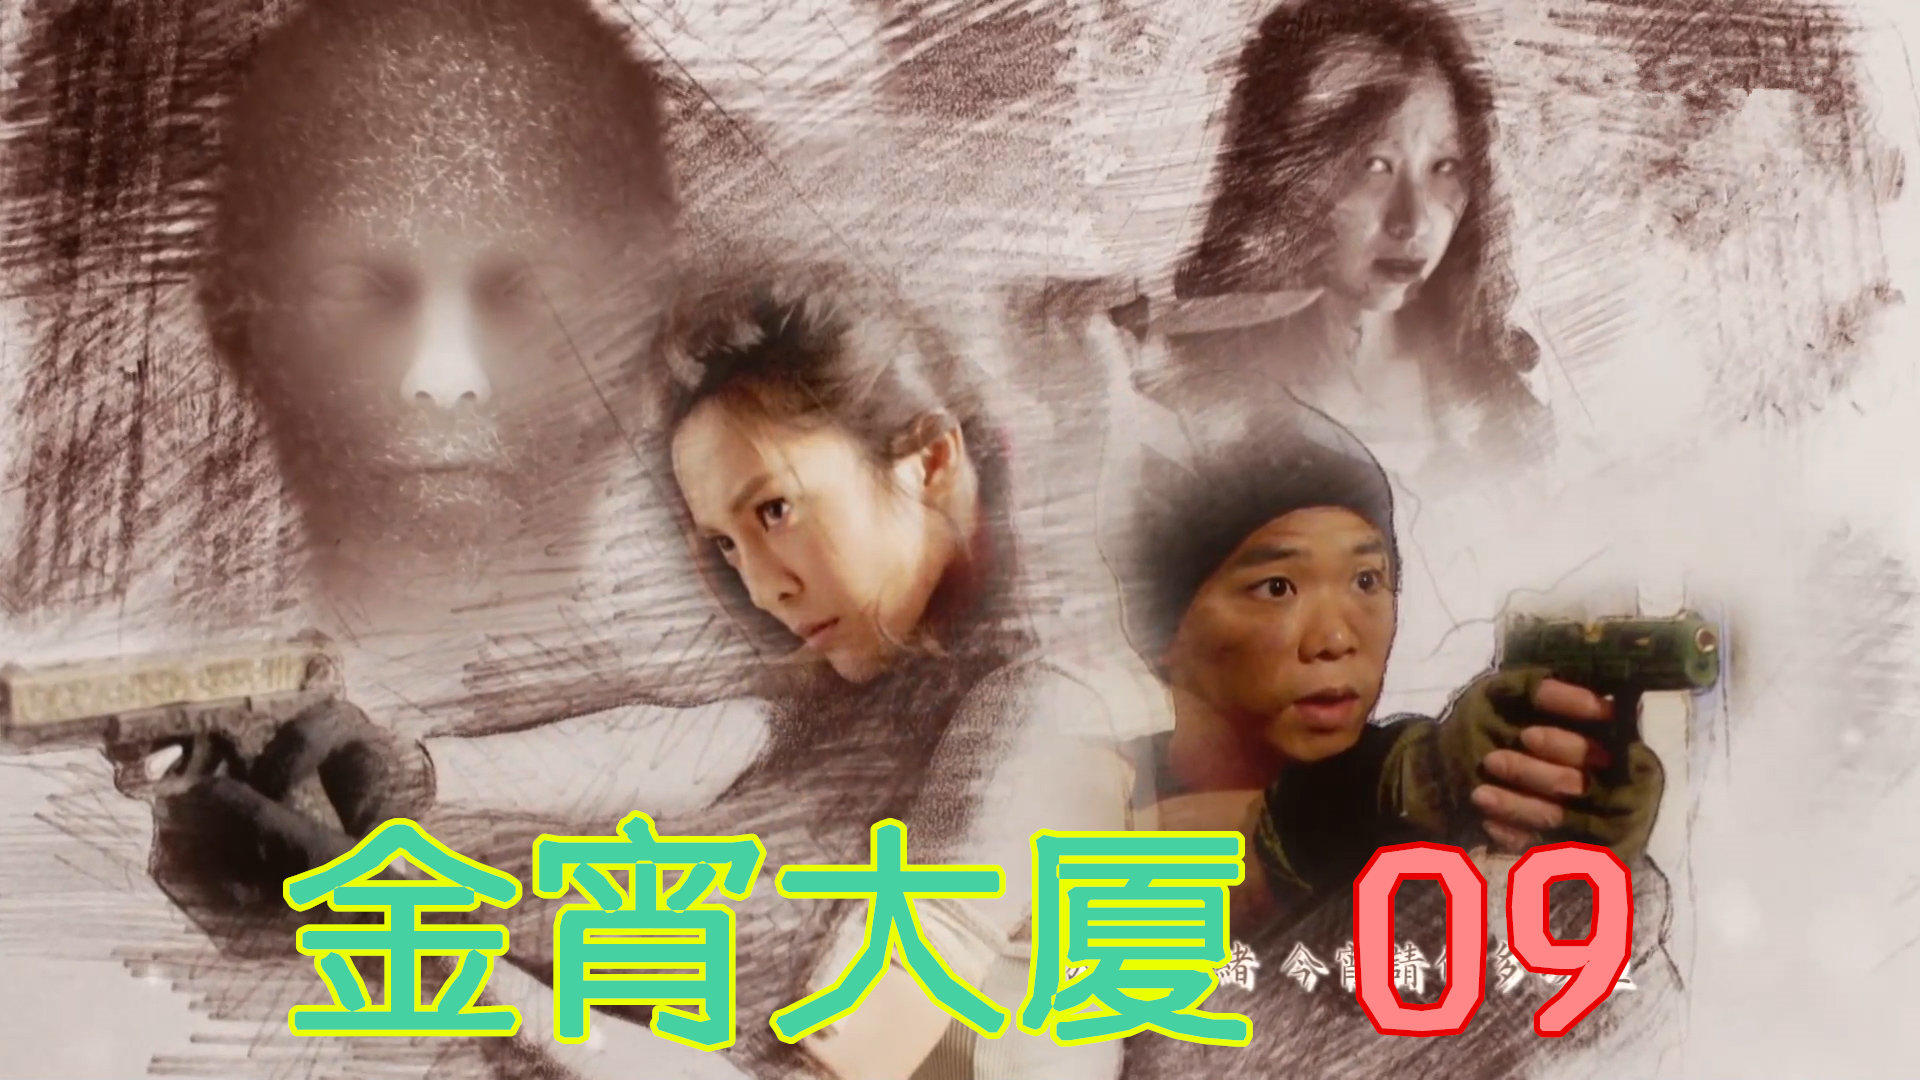 #电影最前线#《金宵大厦》09,香港女星爱打游戏,与宅男谈恋爱!